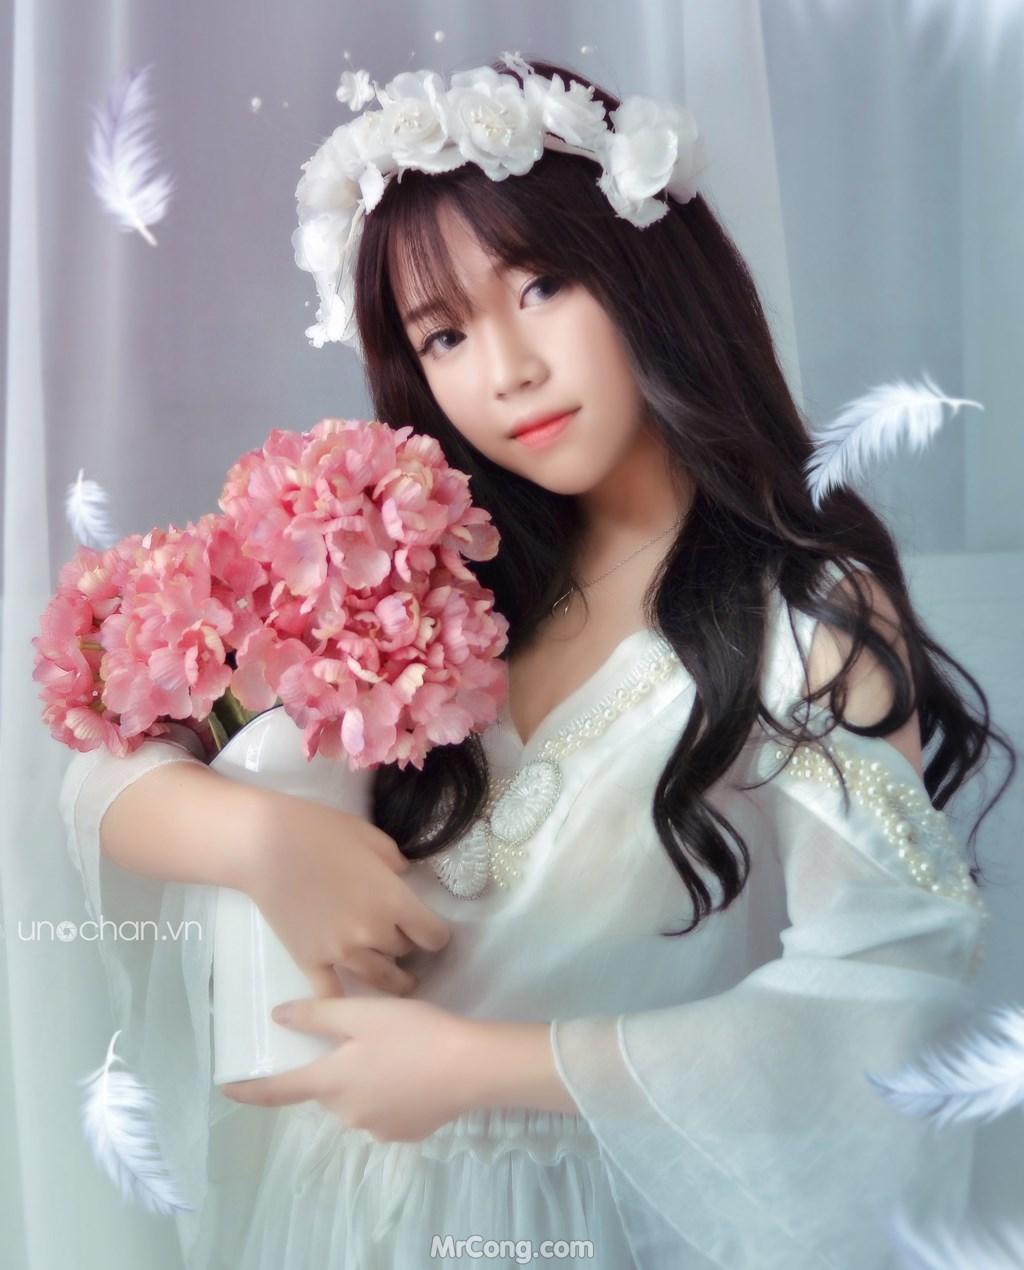 Image Vietnamese-Girls-by-Chan-Hong-Vuong-Uno-Chan-MrCong.com-070 in post Gái Việt duyên dáng, quyến rũ qua góc chụp của Chan Hong Vuong (250 ảnh)